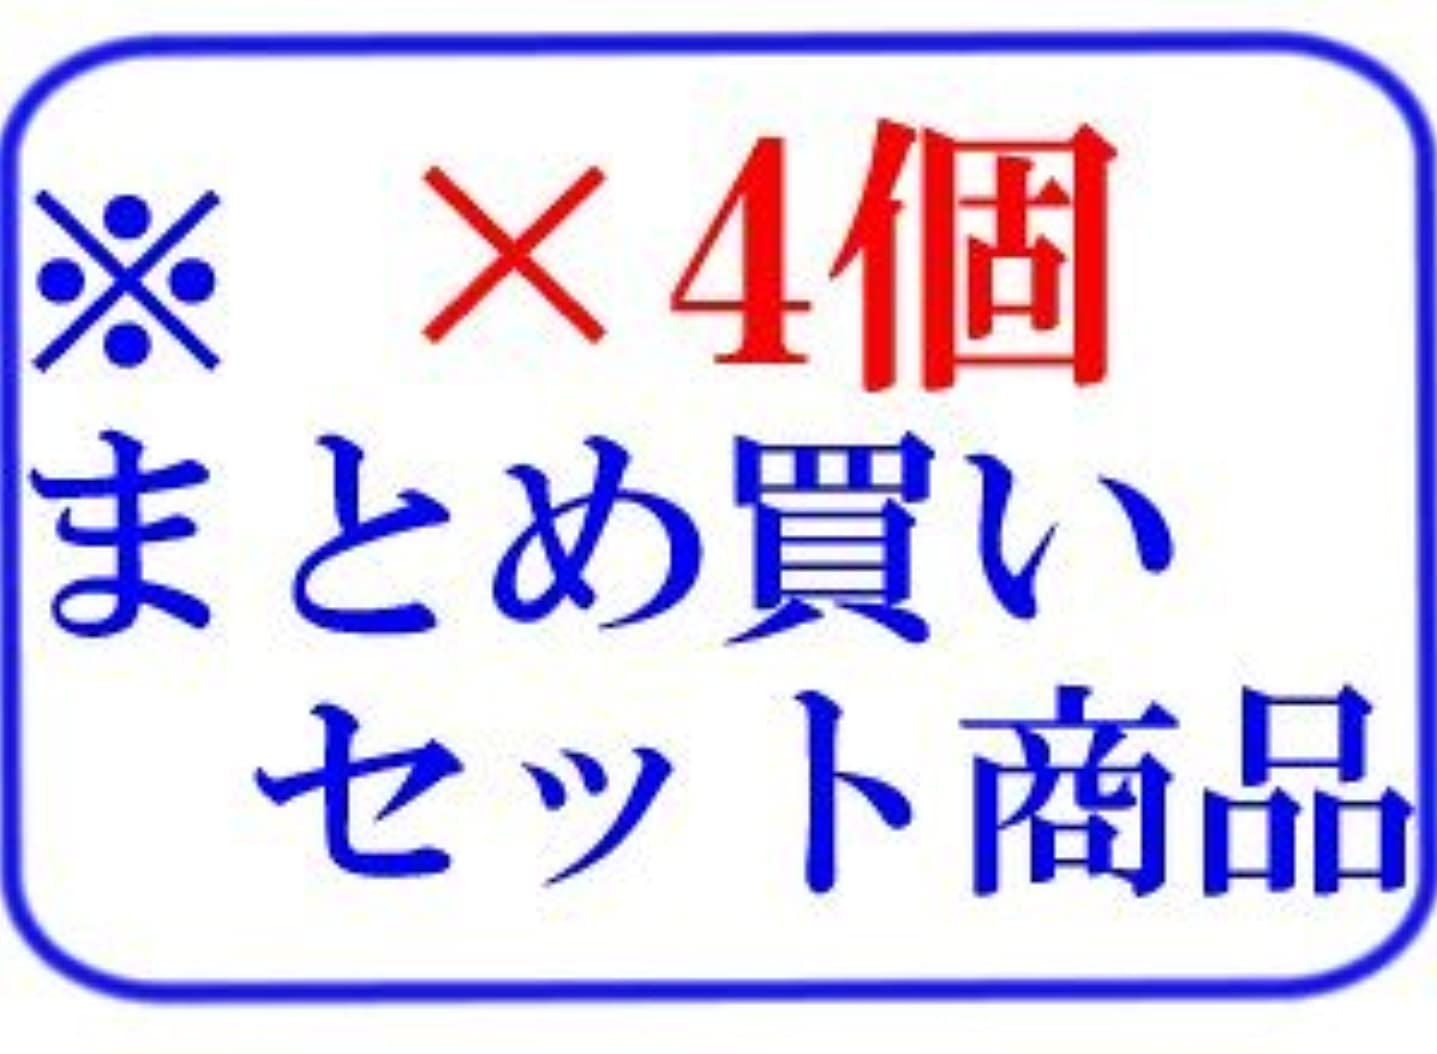 爆発するパスタ契約する【X4個セット】 ホーユー エタニーク システムケア M-3 ヘアトリートメント 700g 詰替え用